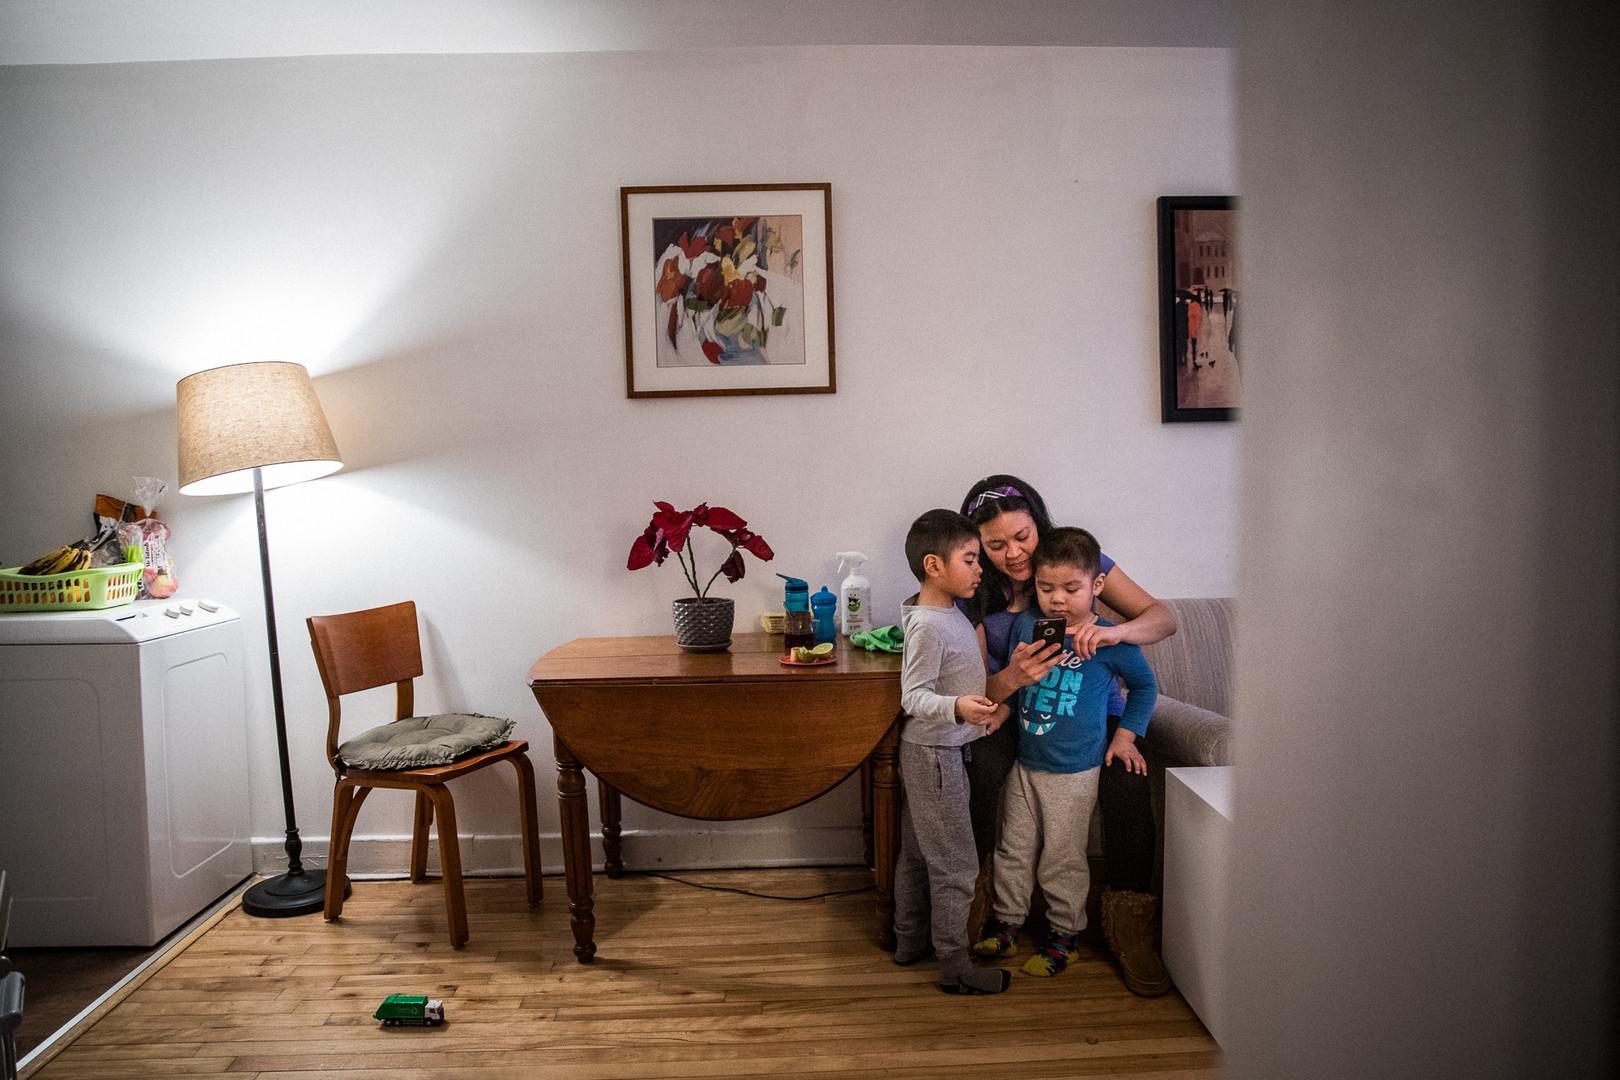 Verenise, Stefan & Emir